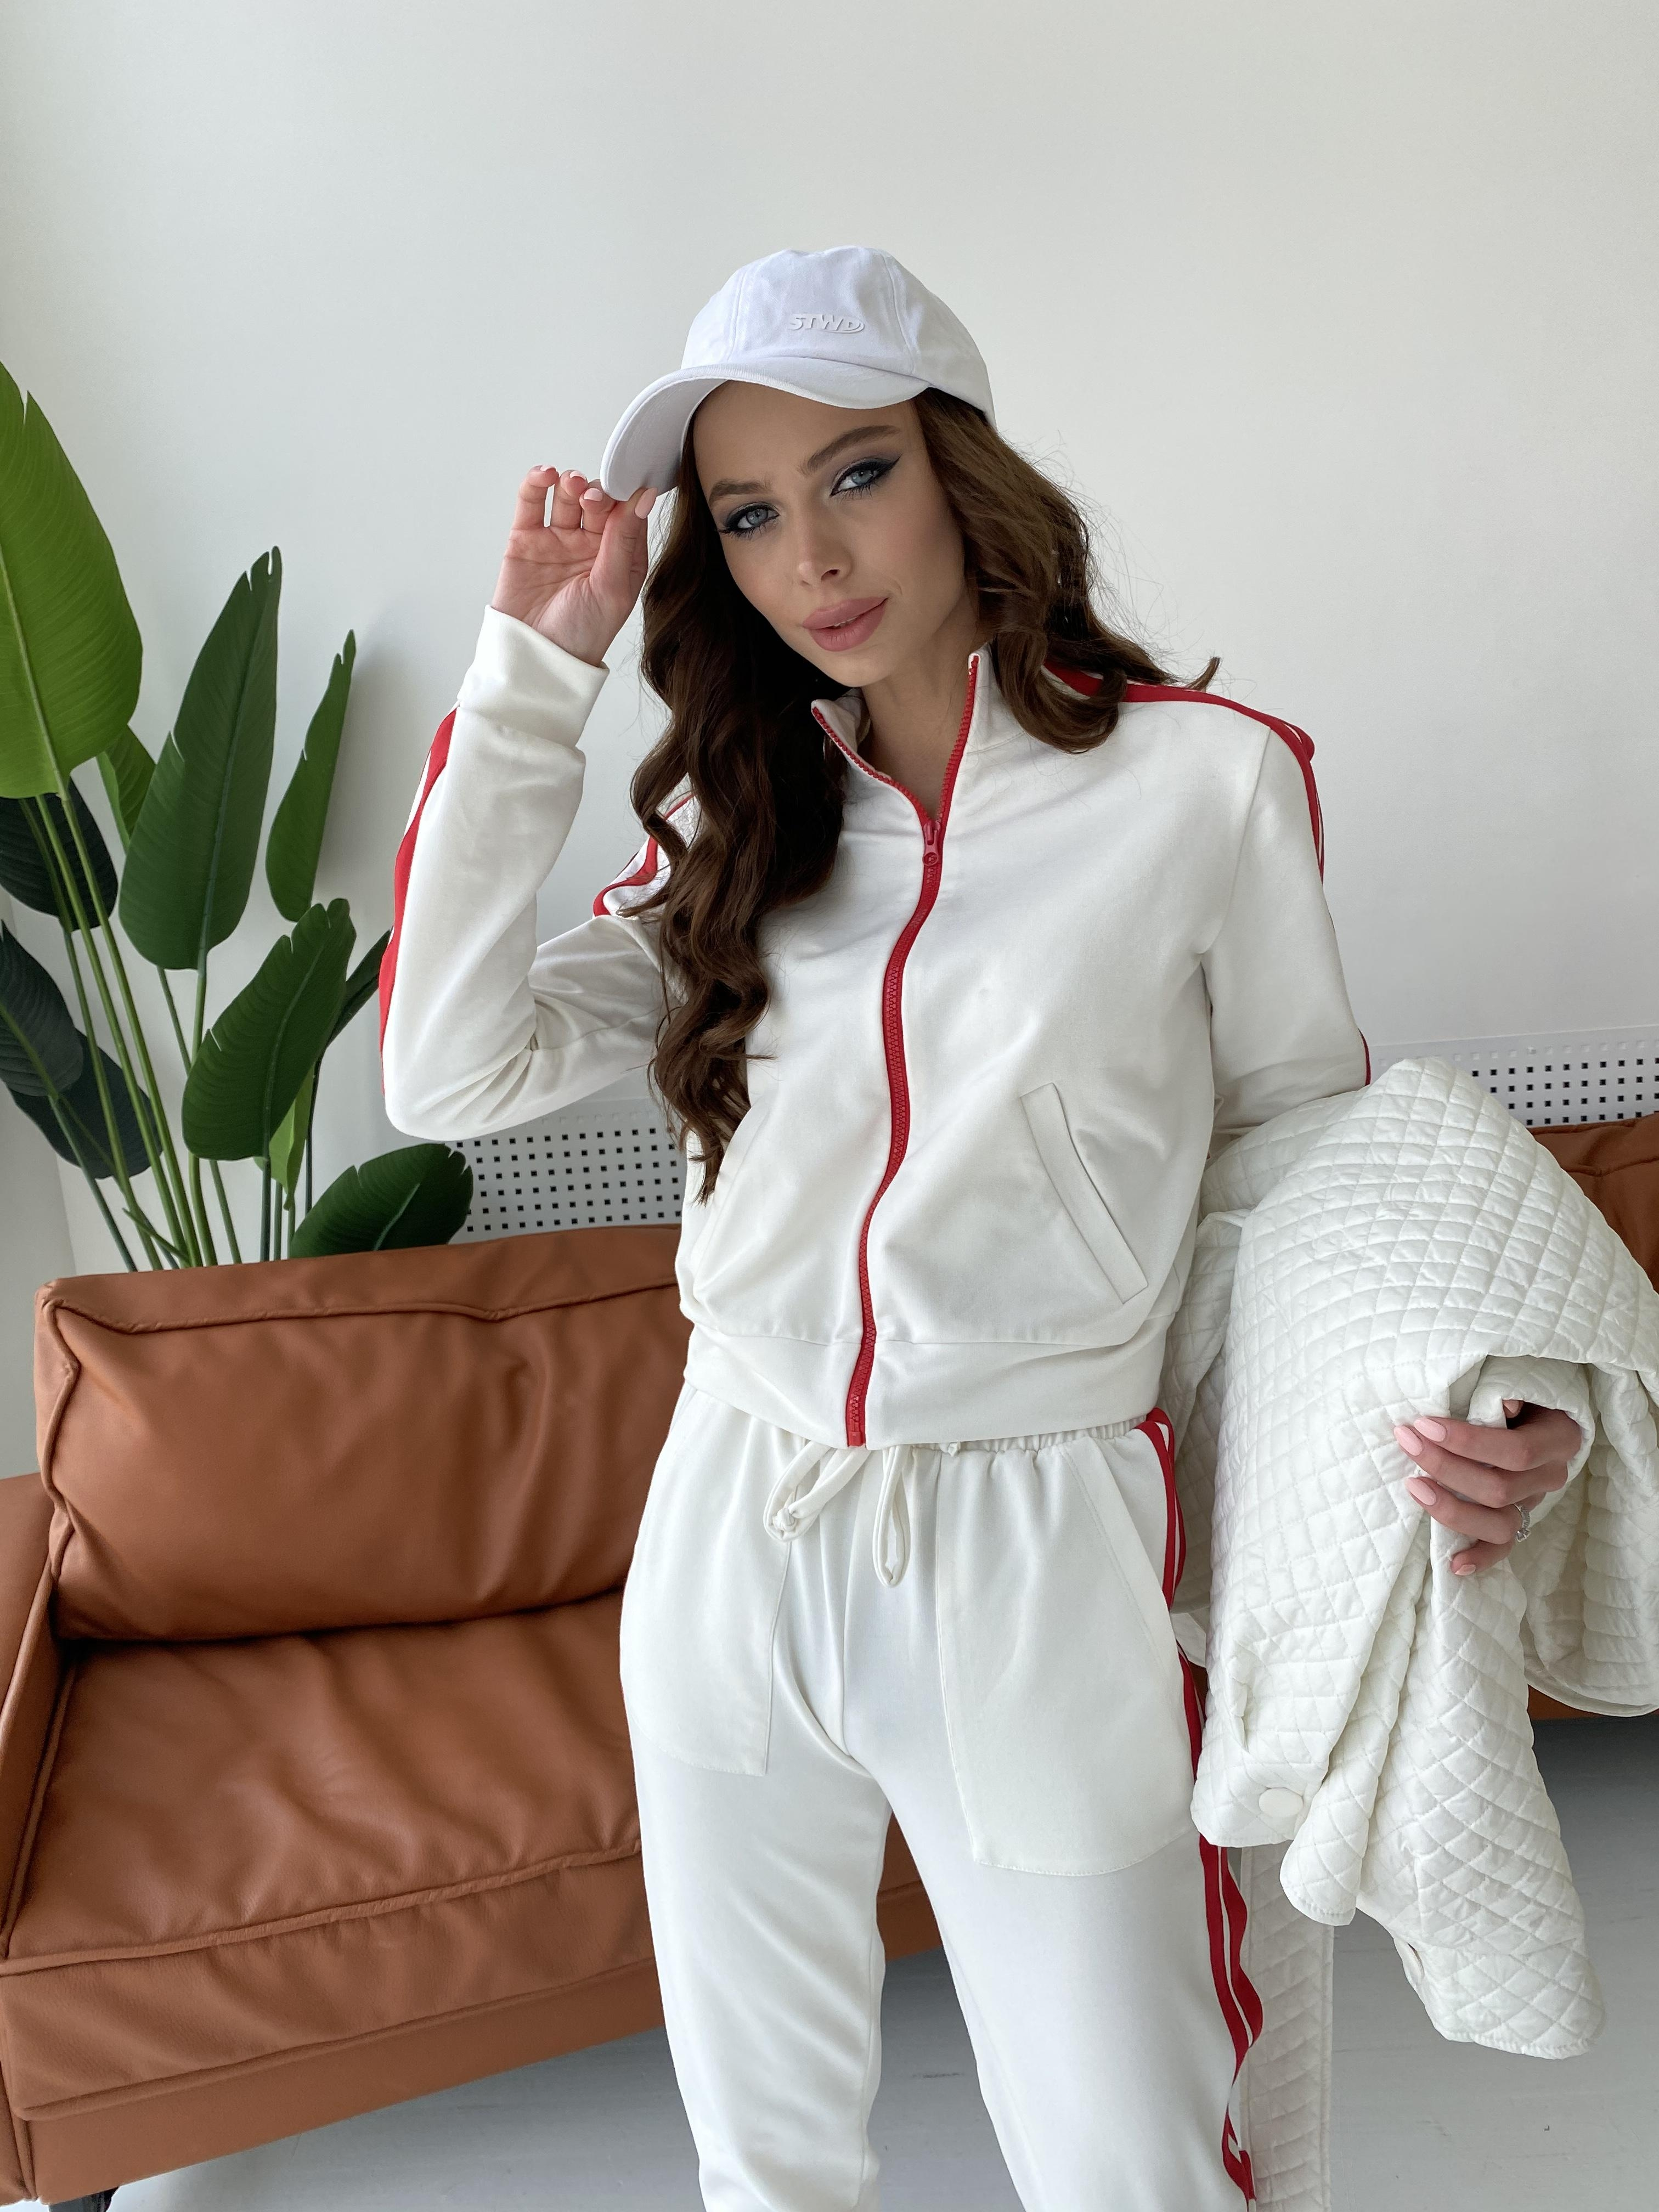 Камон костюм трикотажный из двунитки  9333 АРТ. 45761 Цвет: Молоко/красный - фото 4, интернет магазин tm-modus.ru